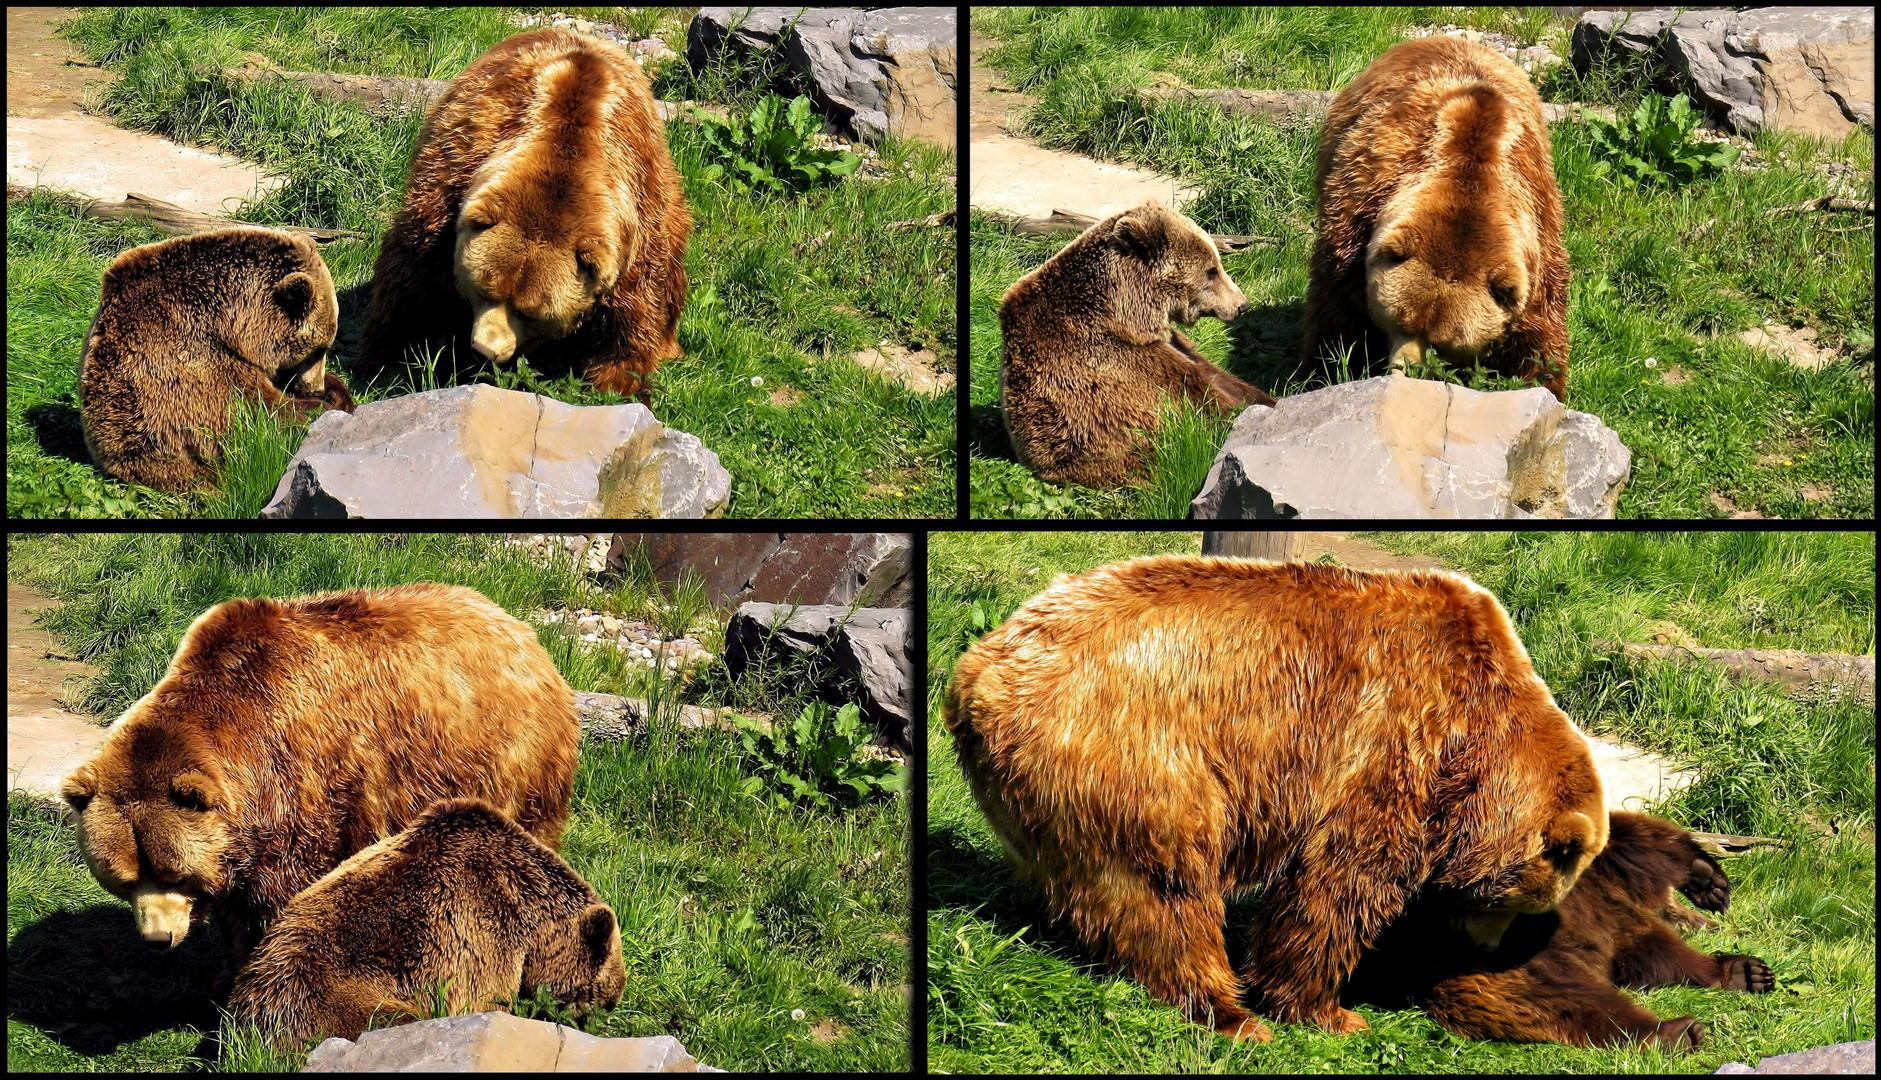 Bärenliebe!